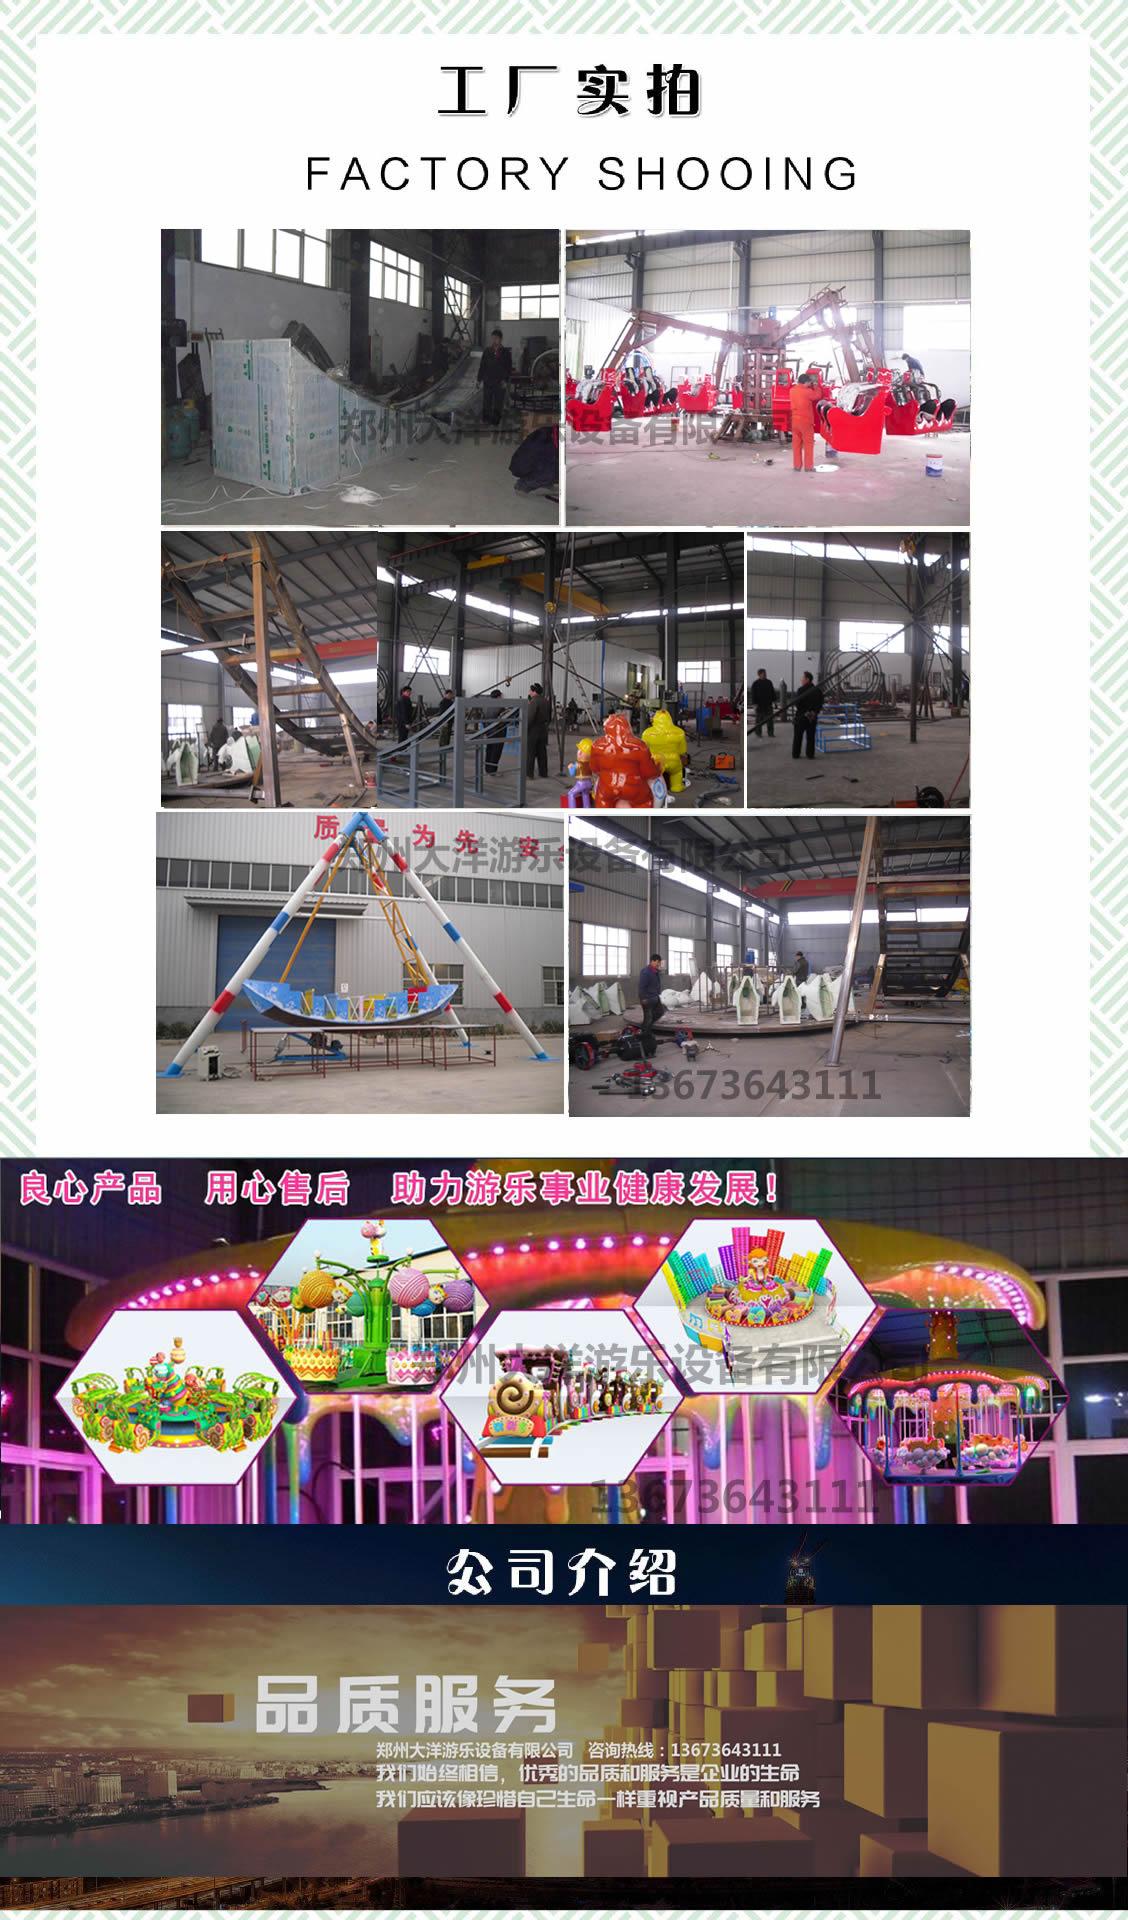 精品推荐室内游乐淘气堡 款式新颖 郑州大洋淘气堡儿童游乐园示例图60